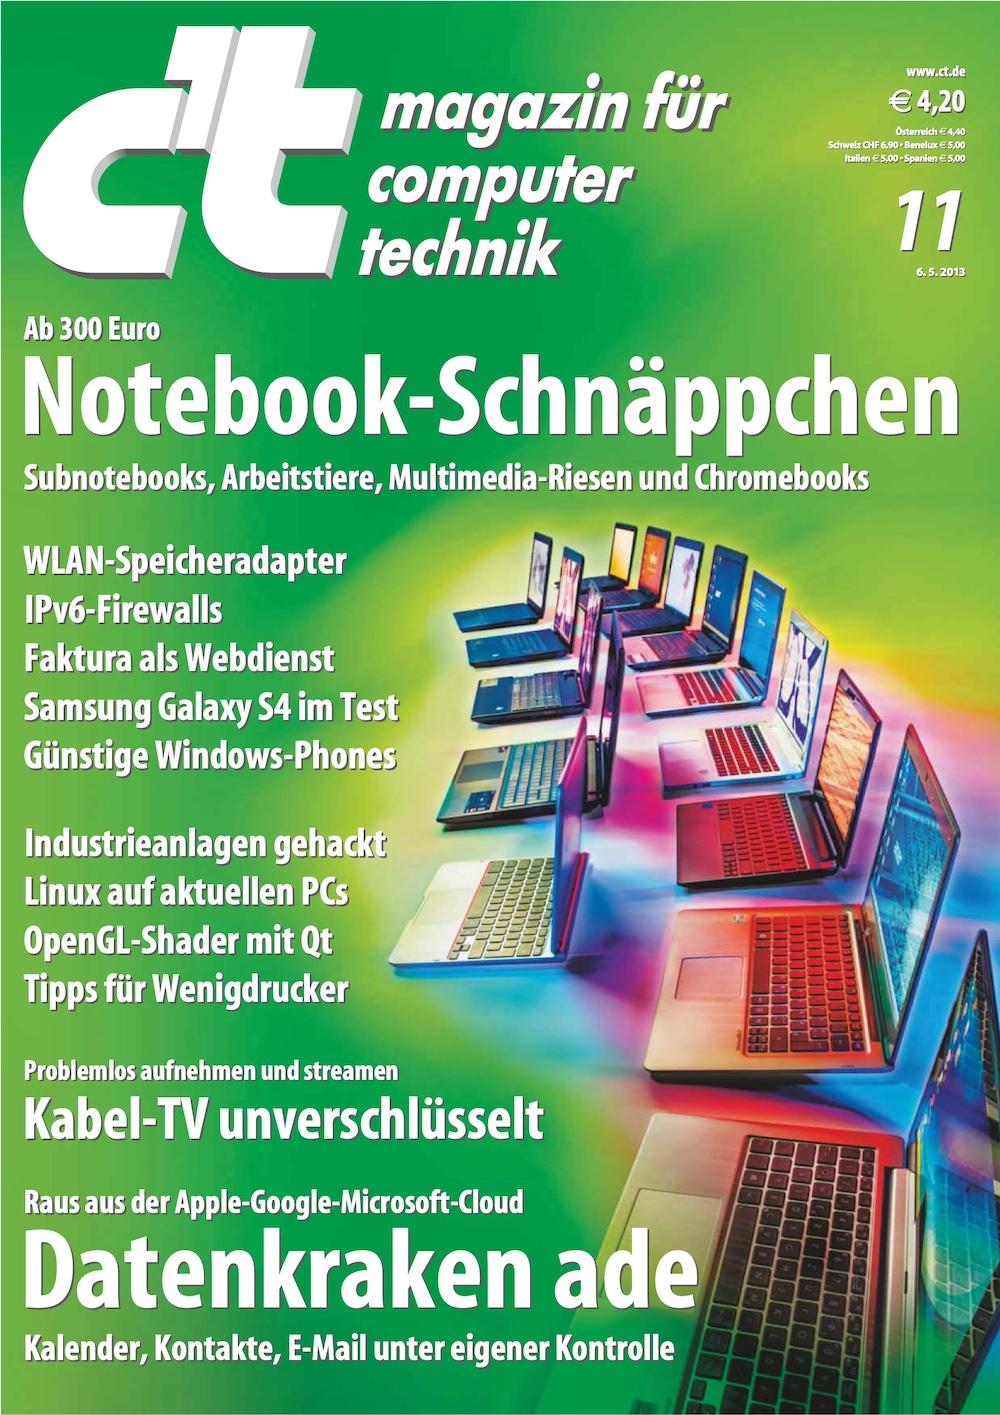 c't Magazin 2013-11